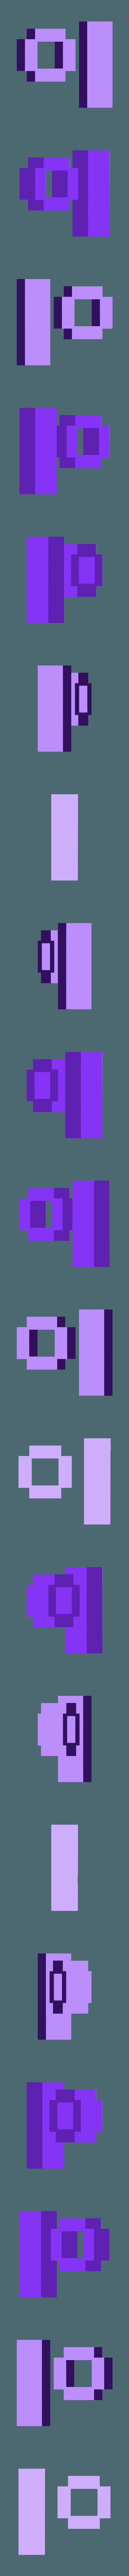 """Odyssey-Orange_ballon_connector.stl Télécharger fichier STL gratuit 8 bits style """"Odyssée"""" - Parties séparées (pas besoin de colle) • Plan imprimable en 3D, conceptify"""